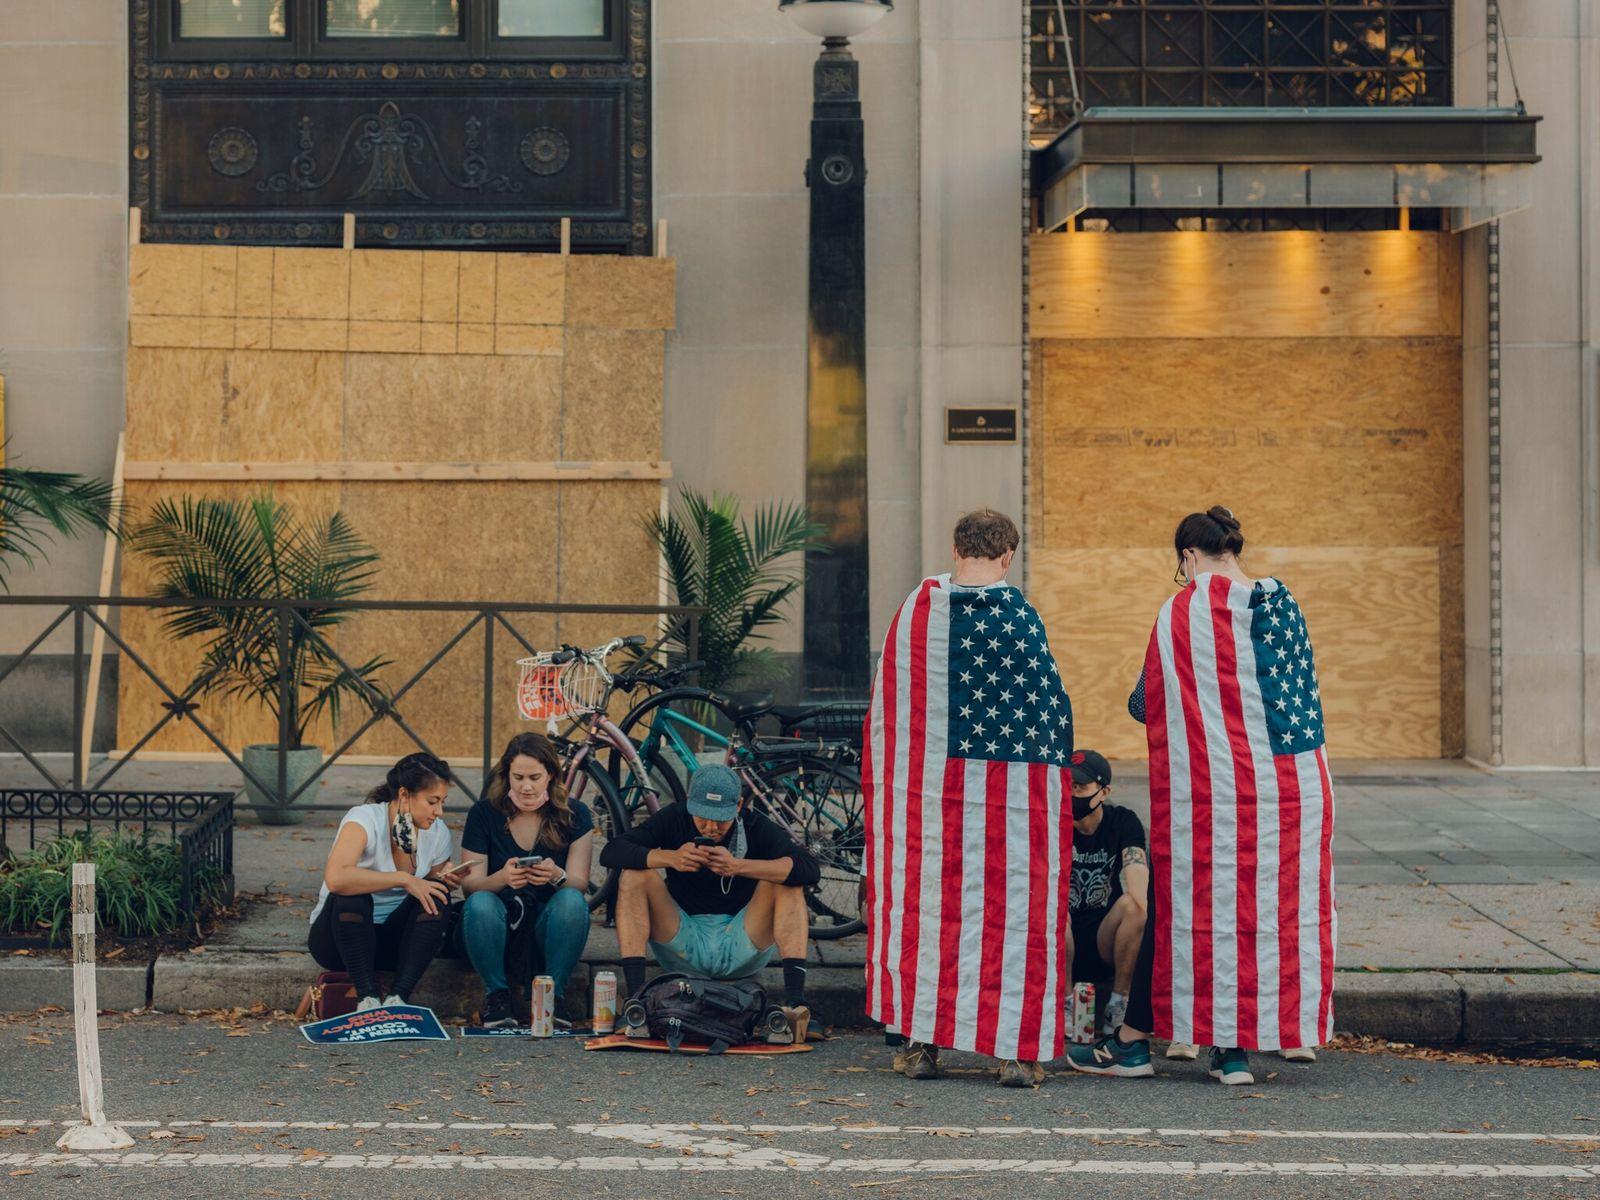 Quatro dias após o dia das eleições, manifestantes na Black Lives Matter Plaza, em Washington D.C., ...